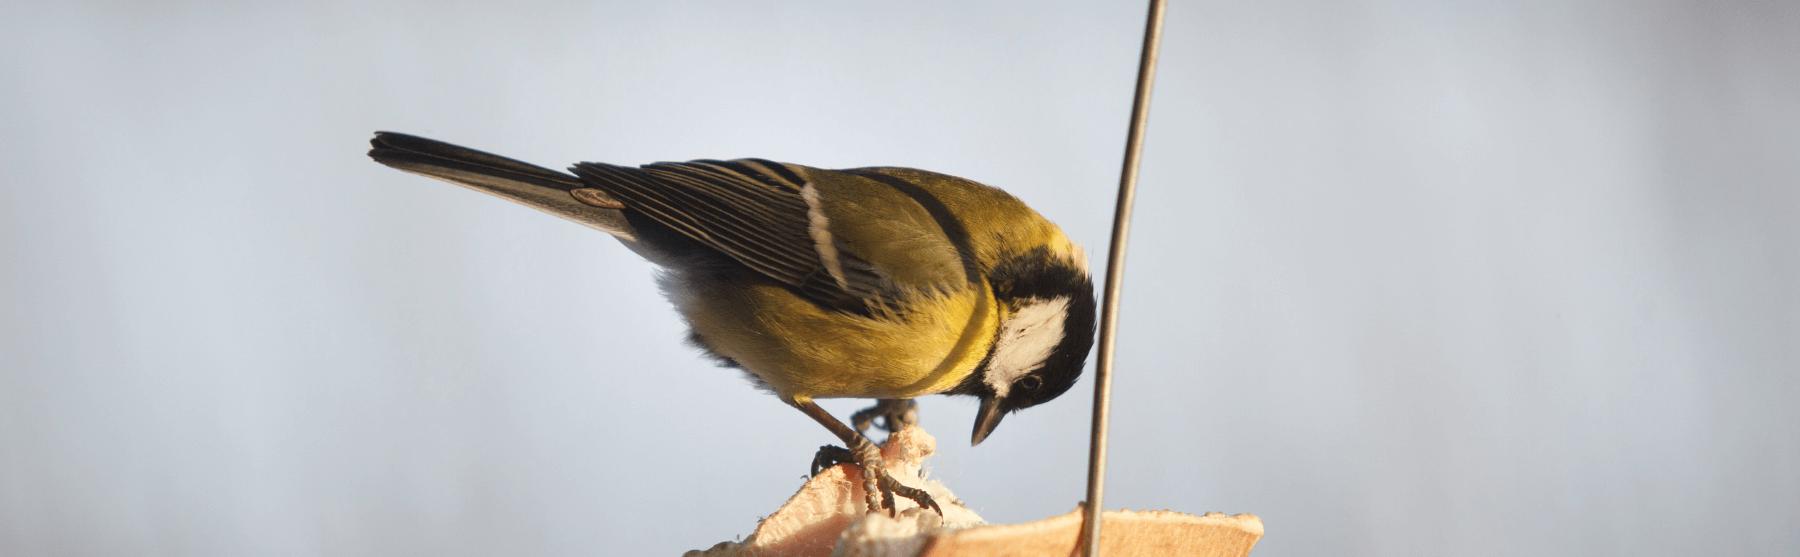 Lindude toitmine